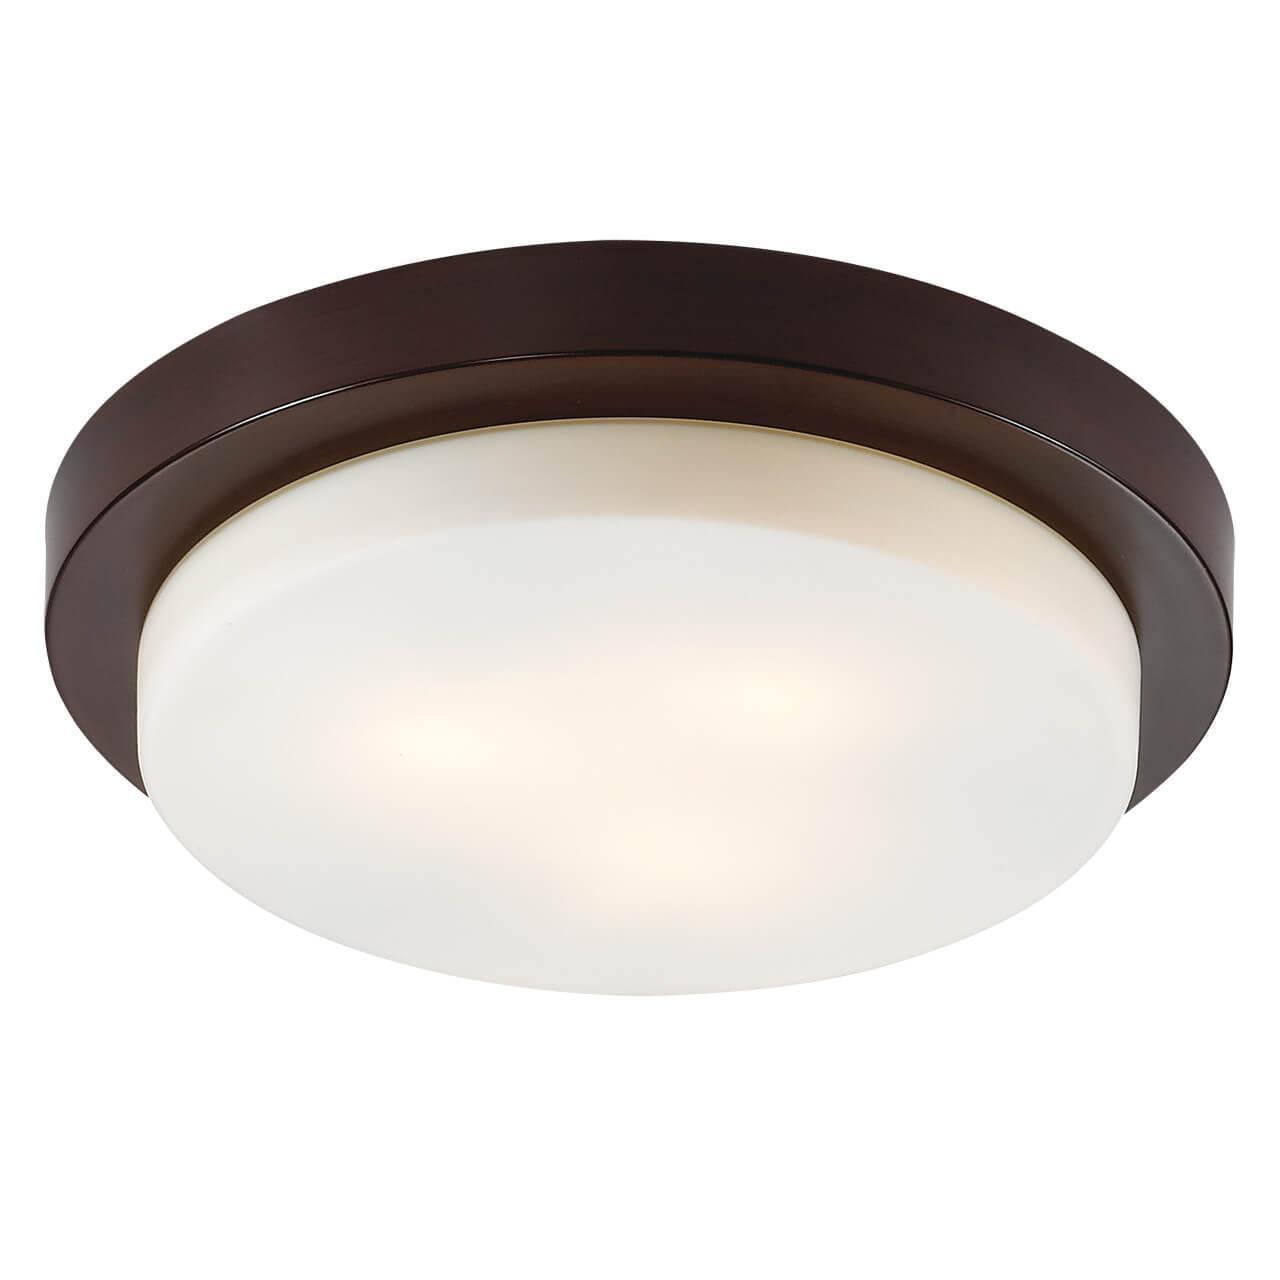 Накладной светильник Odeon Light 2744/3C, E14, 40 Вт все цены